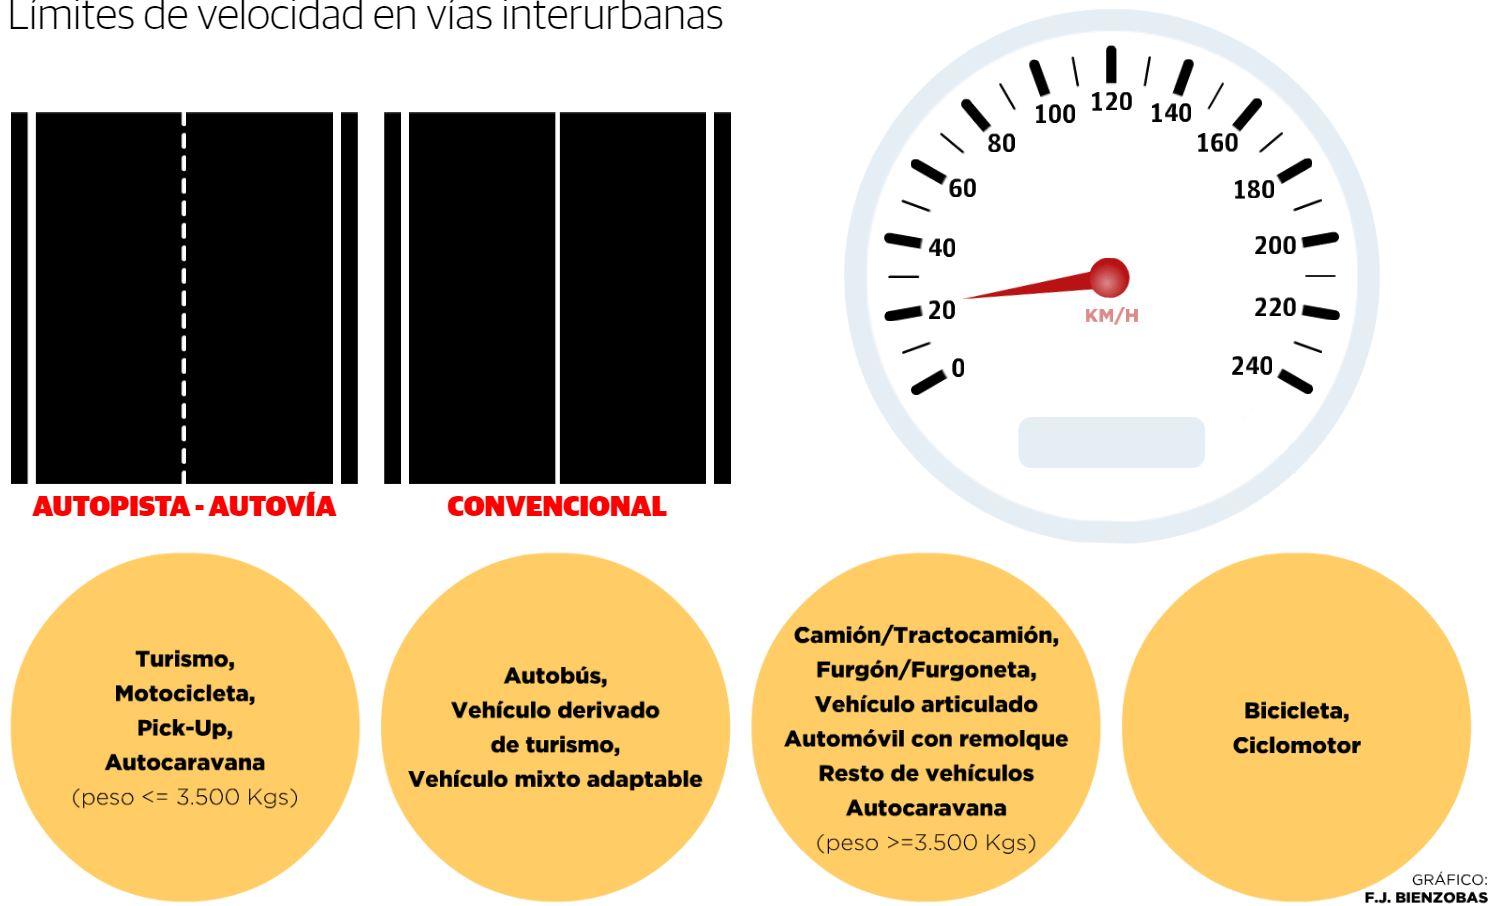 Consulta las modificaciones de los límites de velocidad